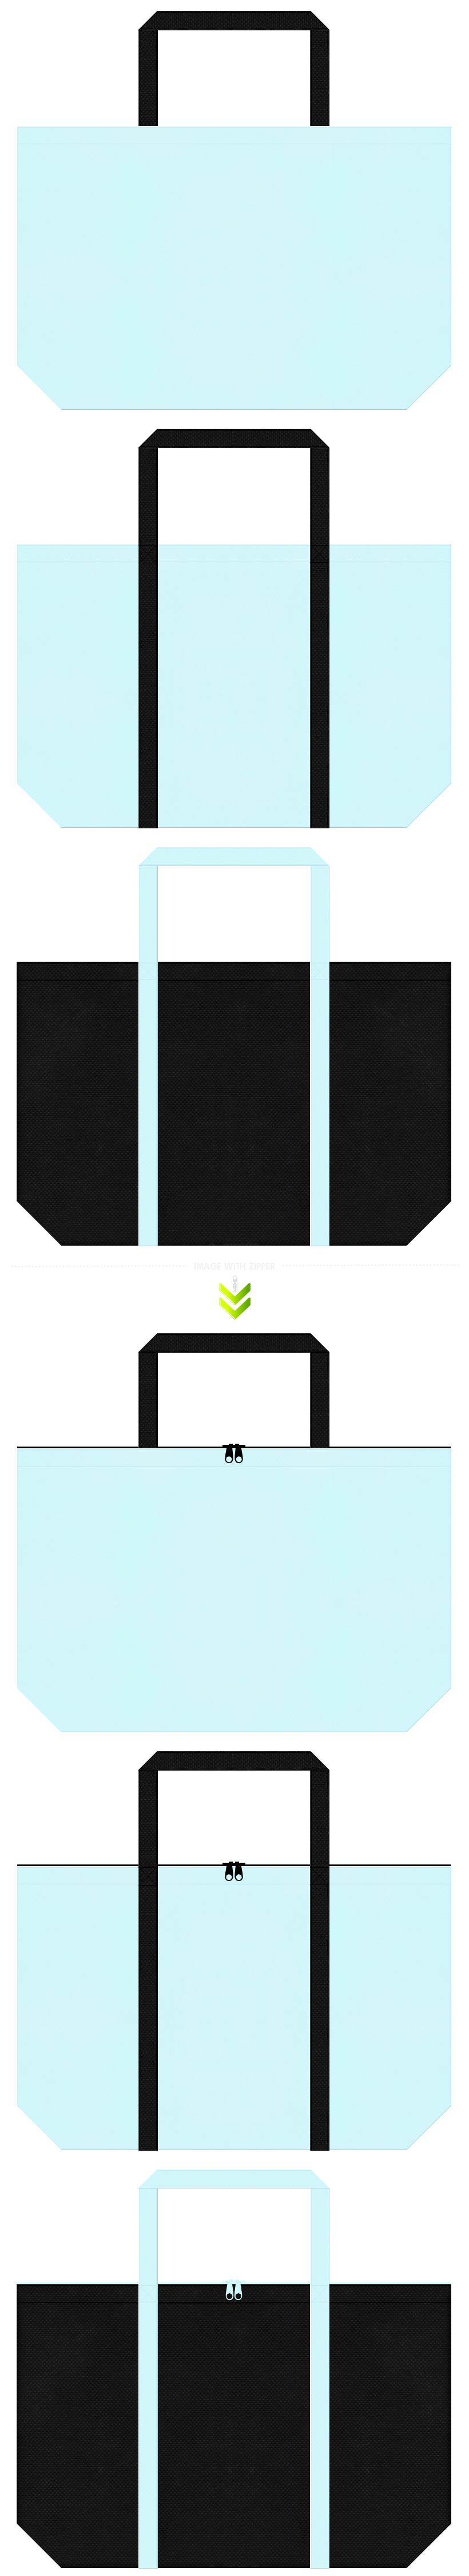 水色と黒色の不織布エコバッグのデザイン。ランドリーバッグにお奨めの配色です。